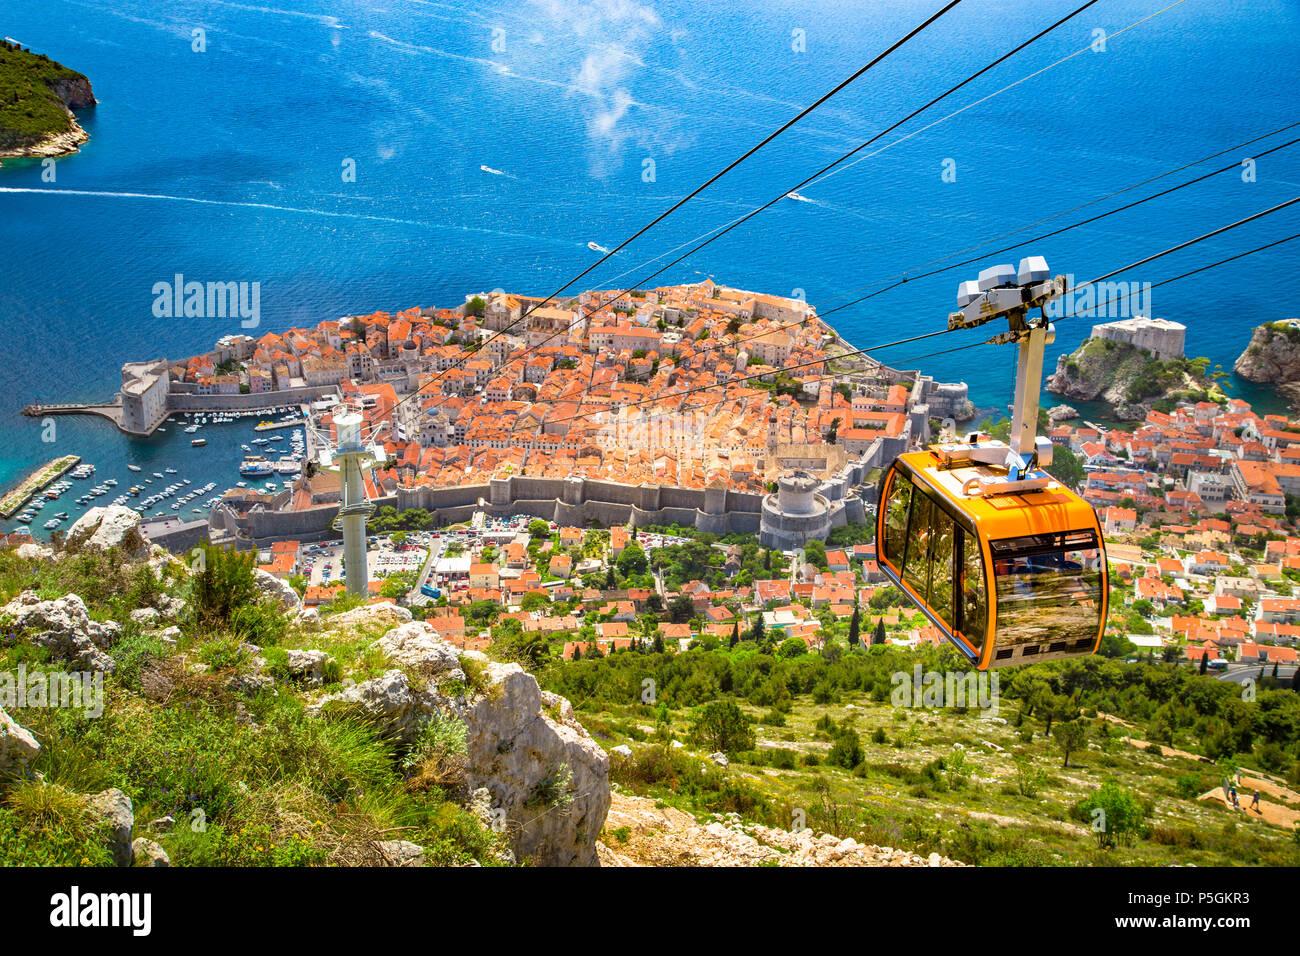 Vue Aérienne Vue panoramique de la vieille ville de Dubrovnik avec le célèbre Cable Car sur la montagne de Srd sur une journée ensoleillée avec ciel bleu et nuages en été, Croatie Photo Stock